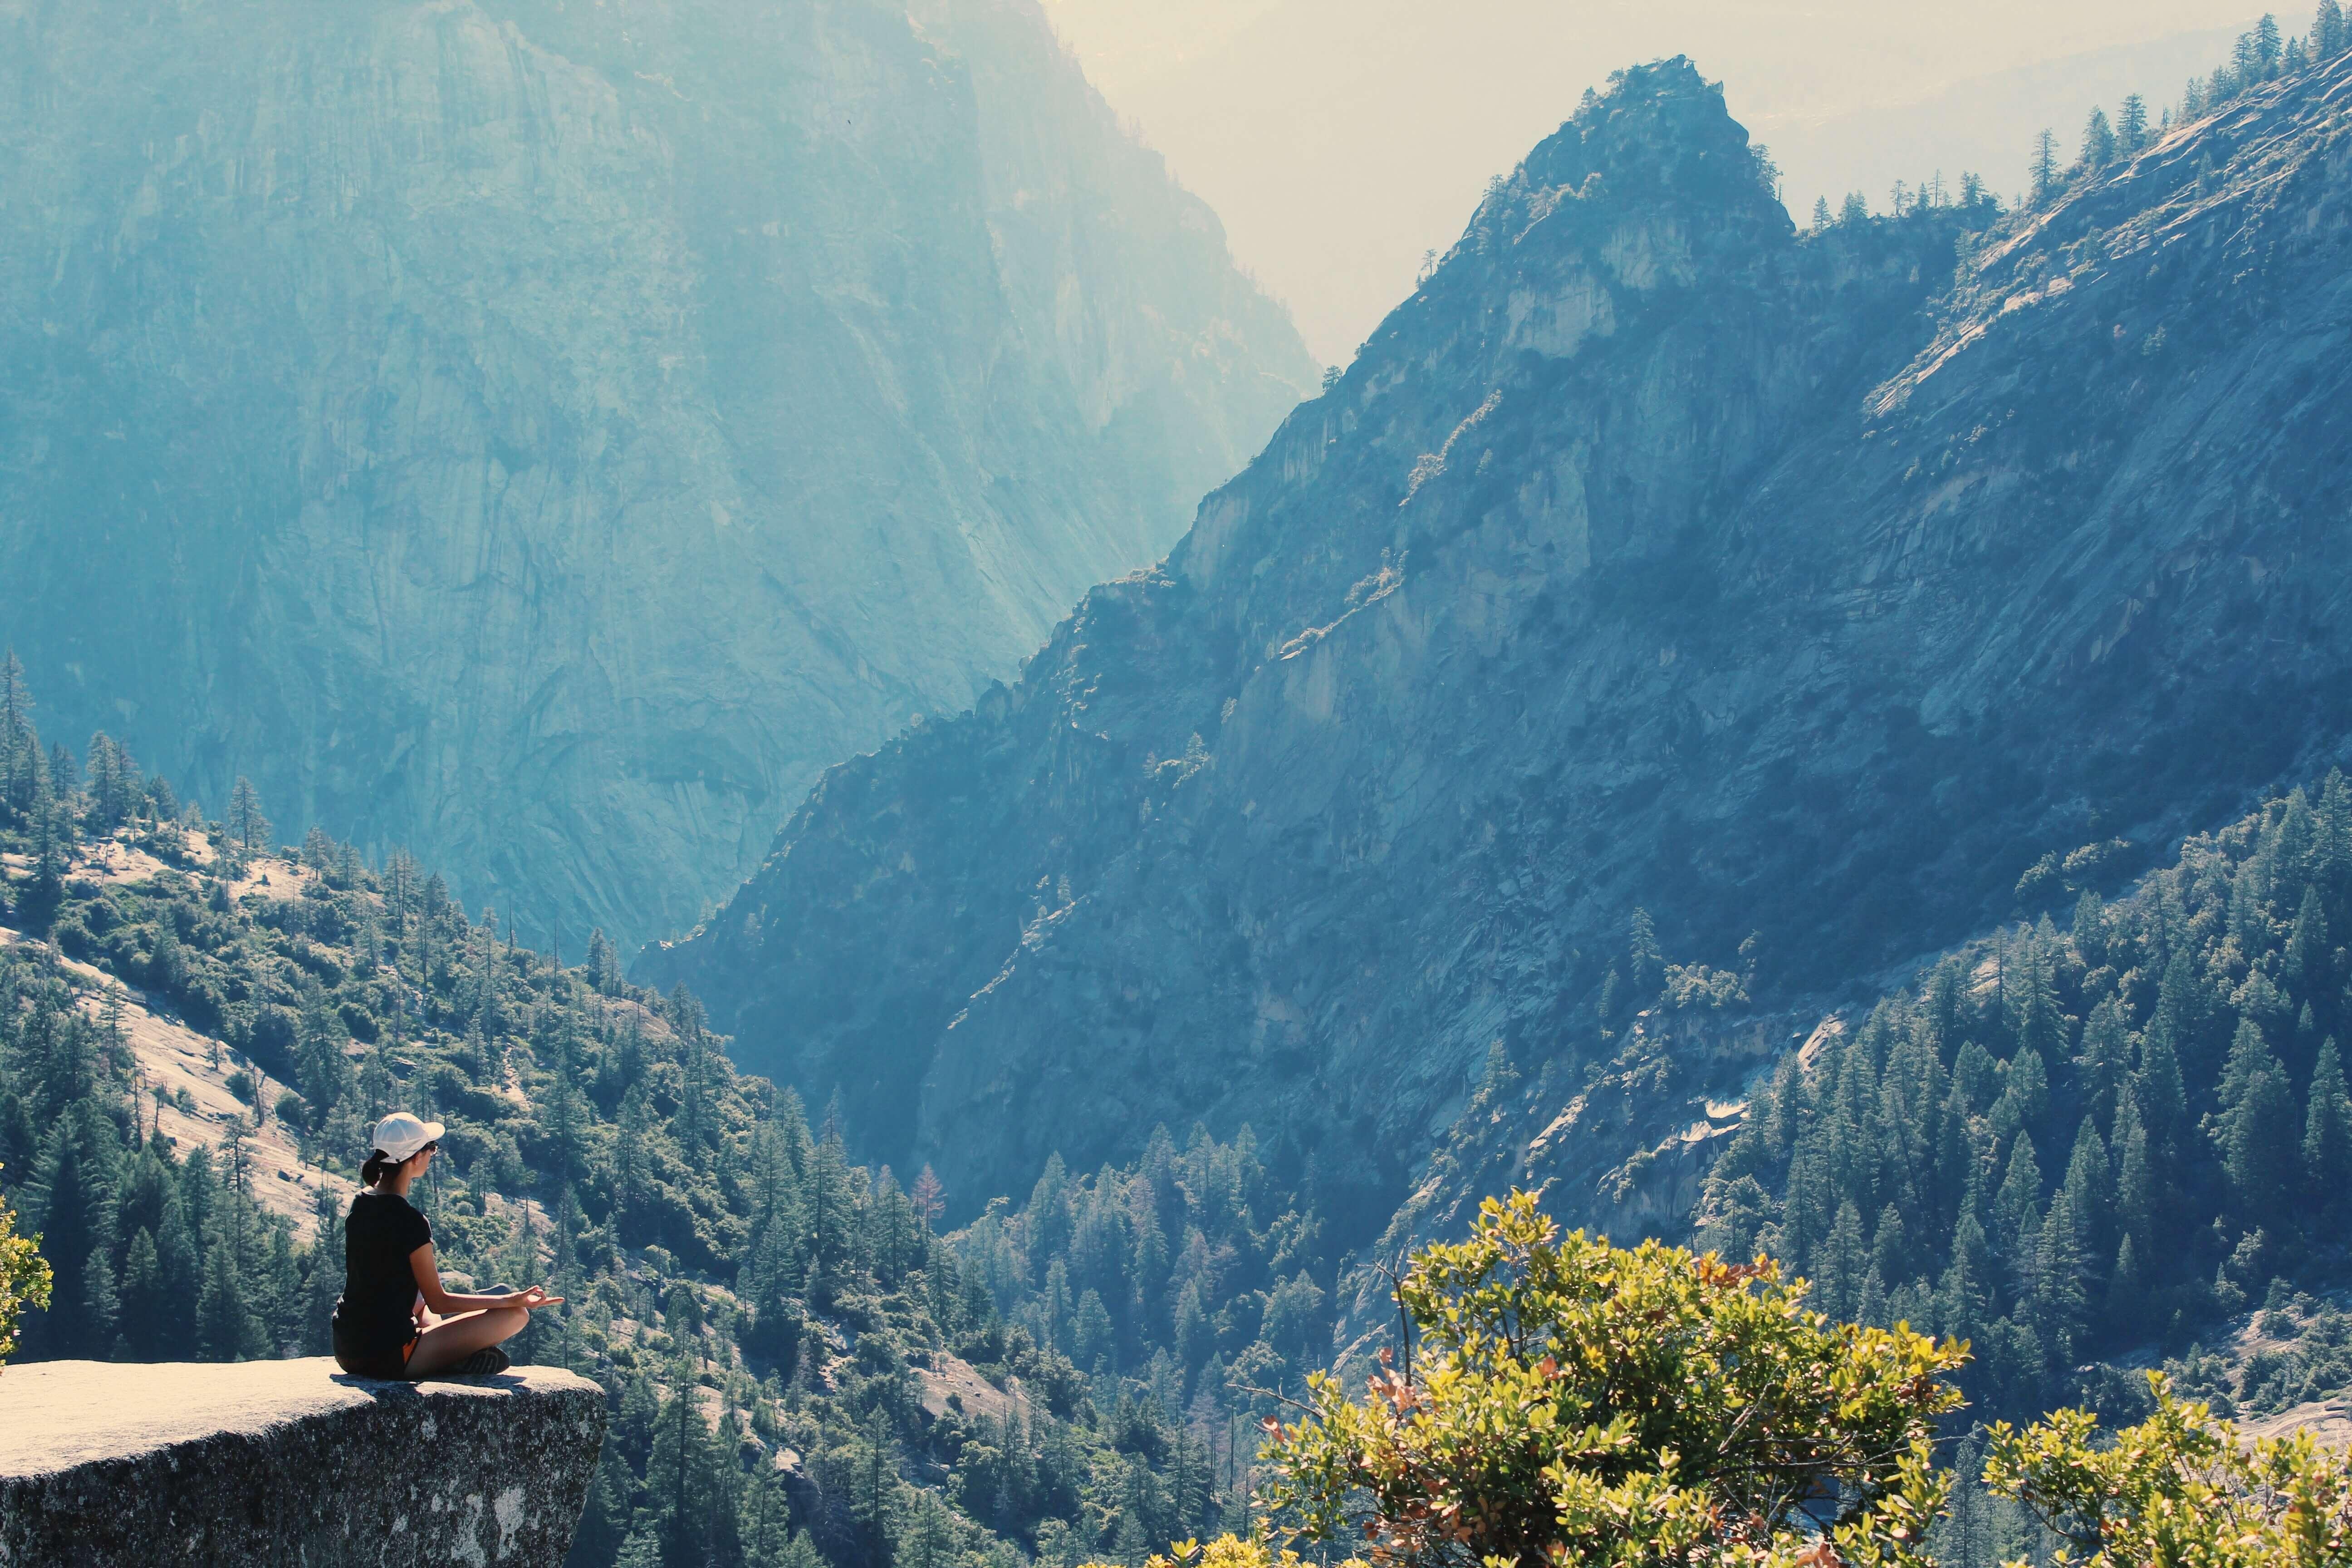 meditating-yogi